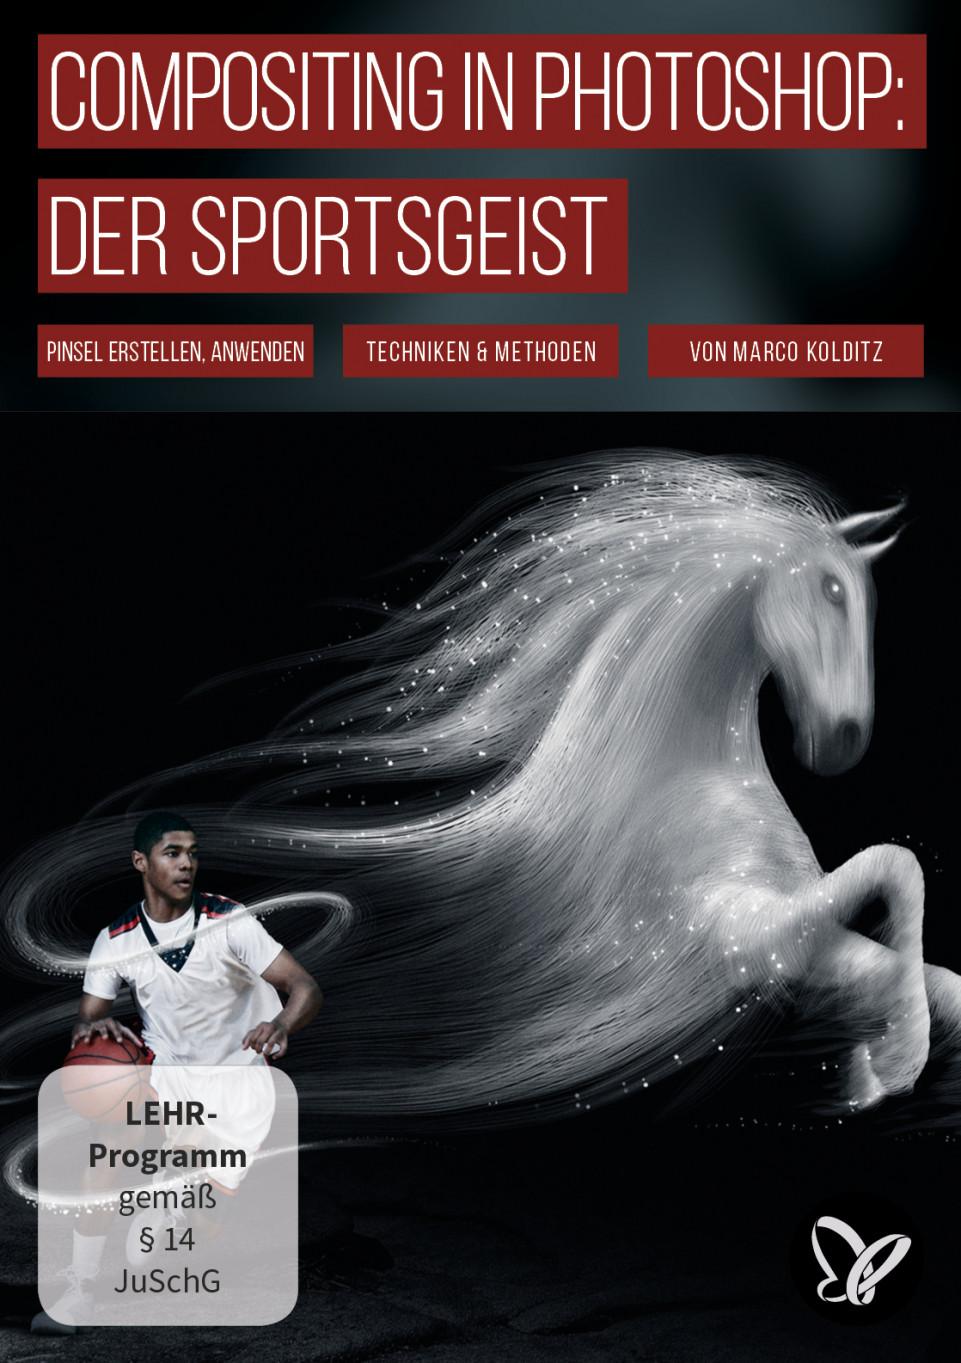 Photoshop-Composing-Tutorial: Der Sportsgeist